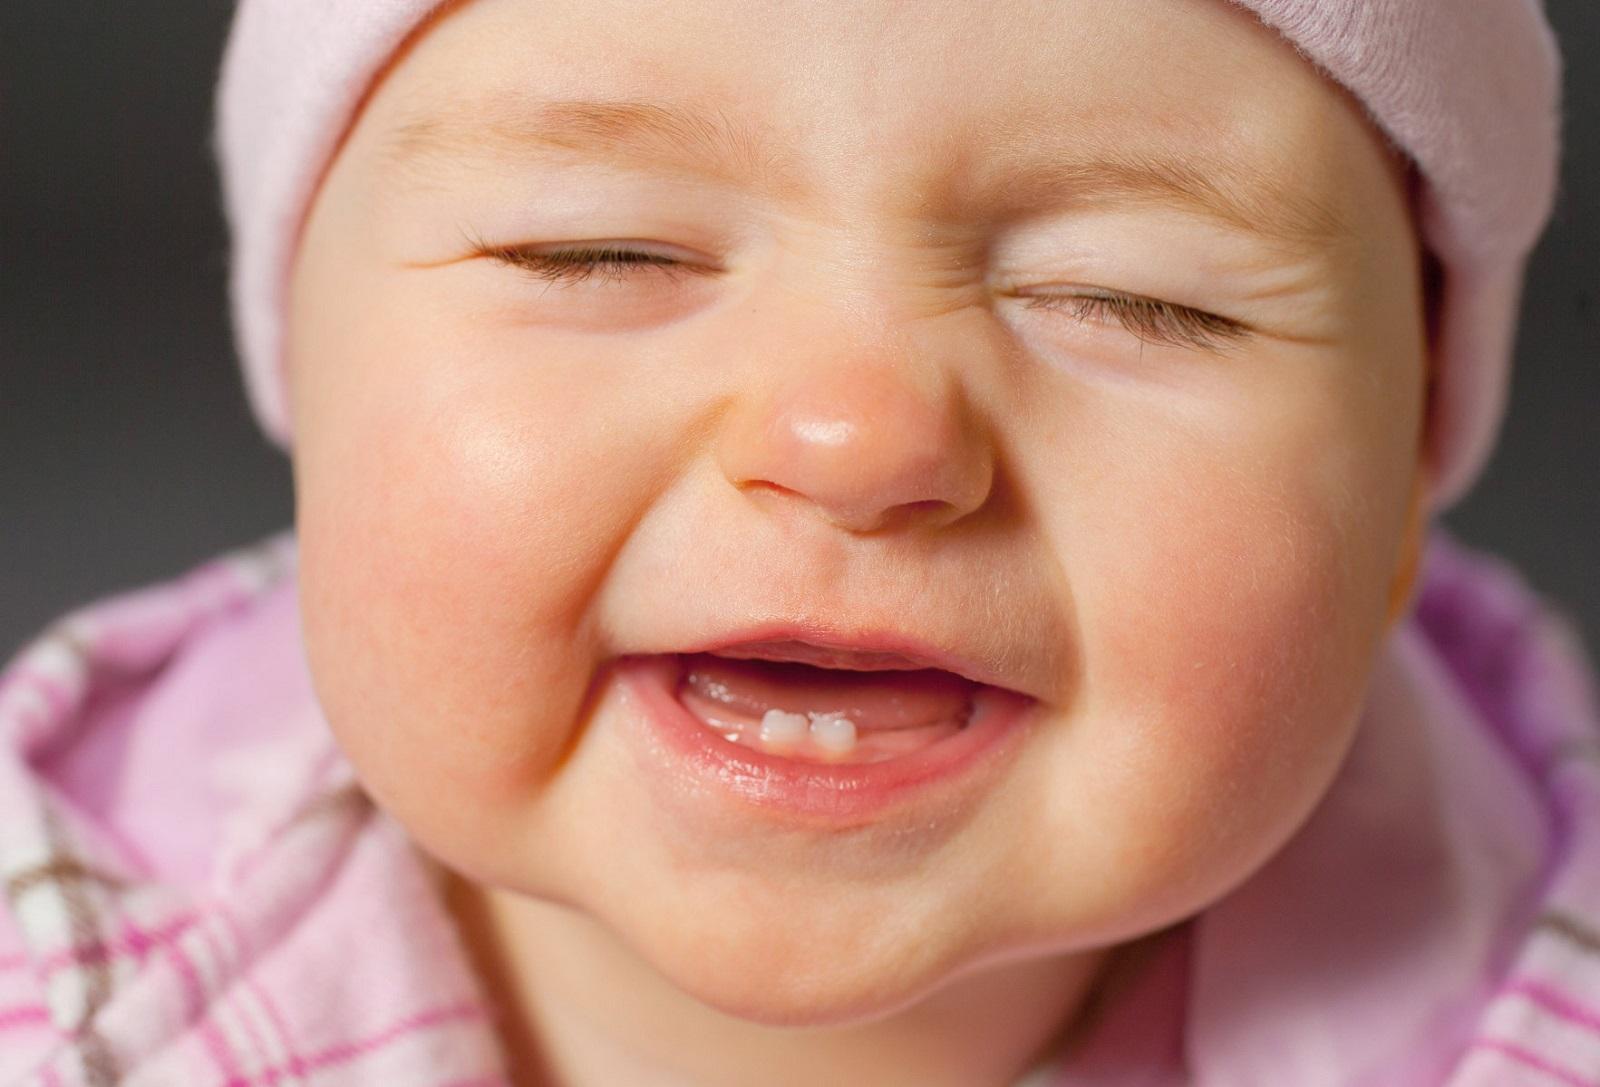 Hamilelik sırasında düşen: korkutucu mı